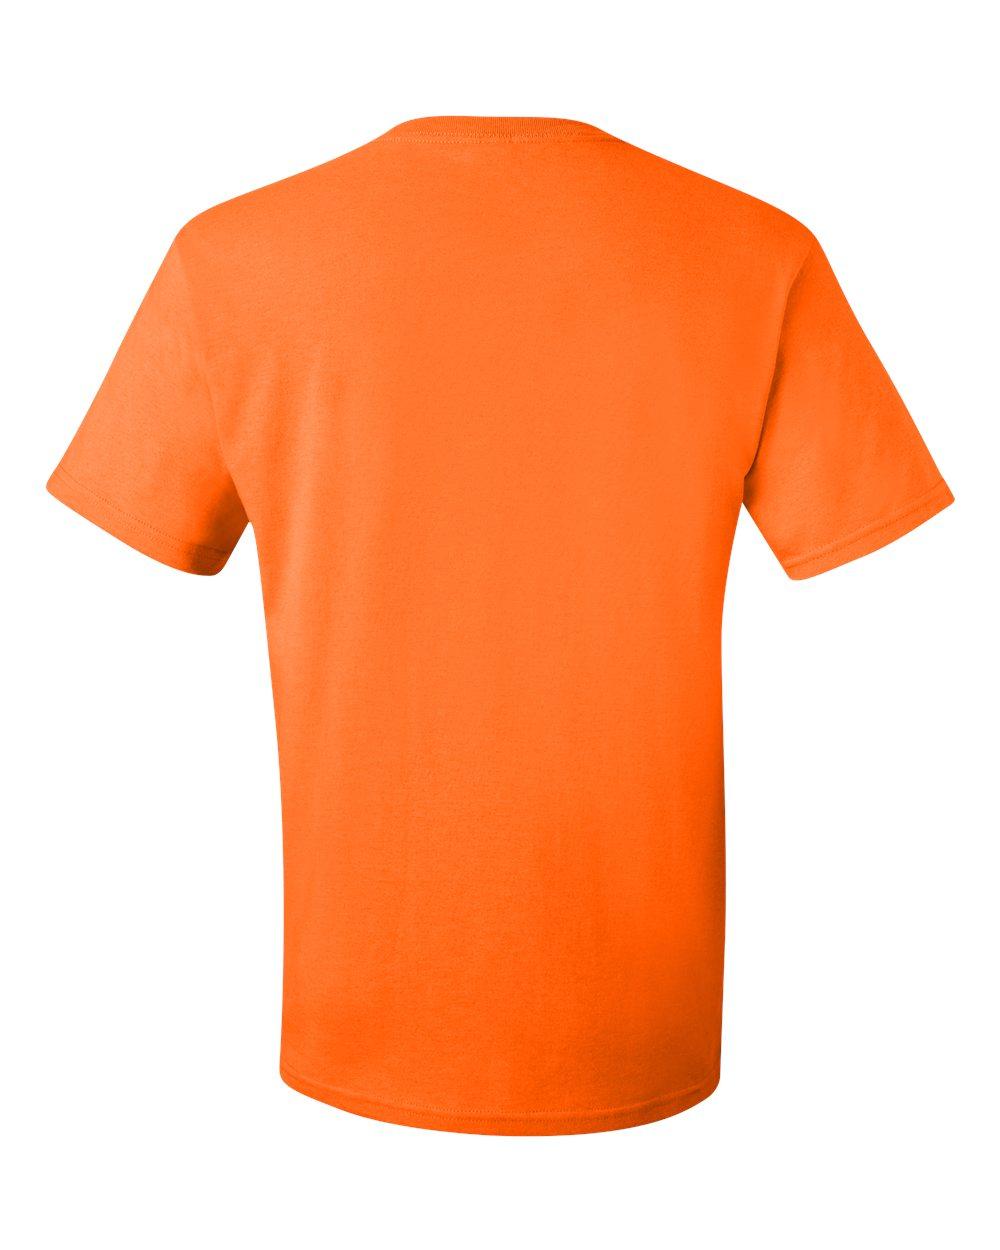 Jerzees-Men-039-s-5-6-oz-50-50-Heavyweight-Blend-T-Shirt-29M-S-4XL thumbnail 25